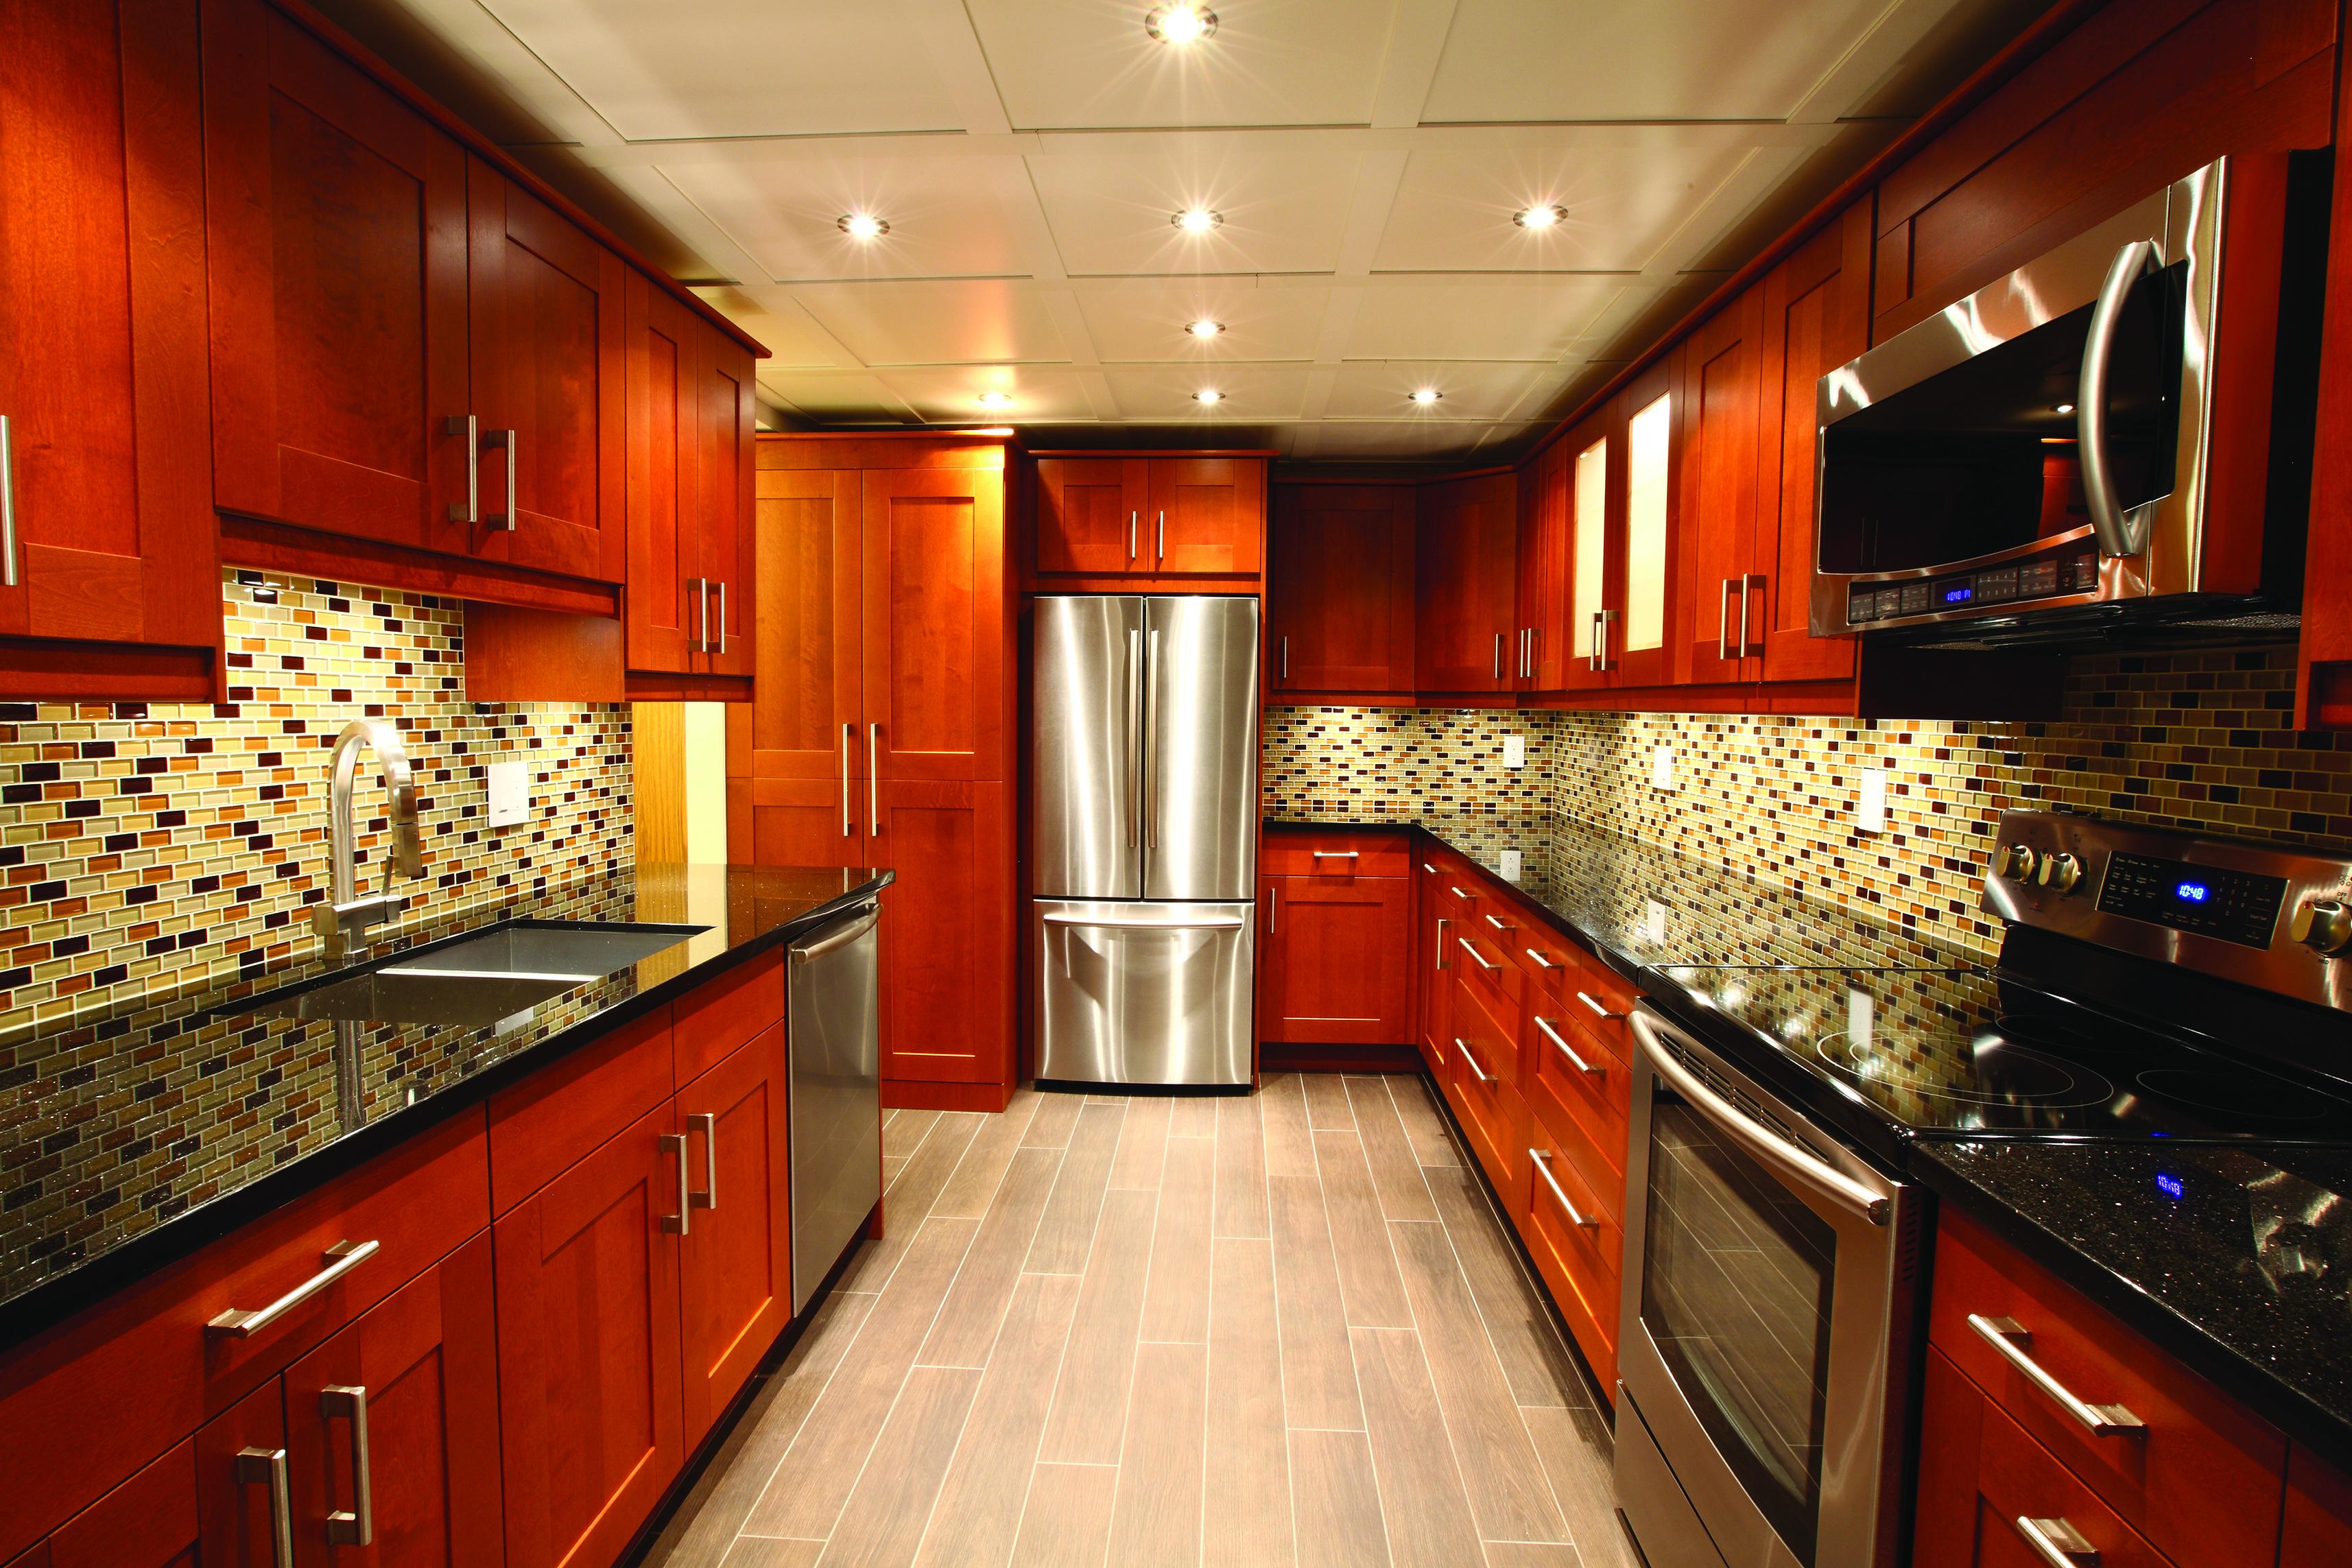 A_kitchen_lit_with_warm_white_3000K_light.jpg